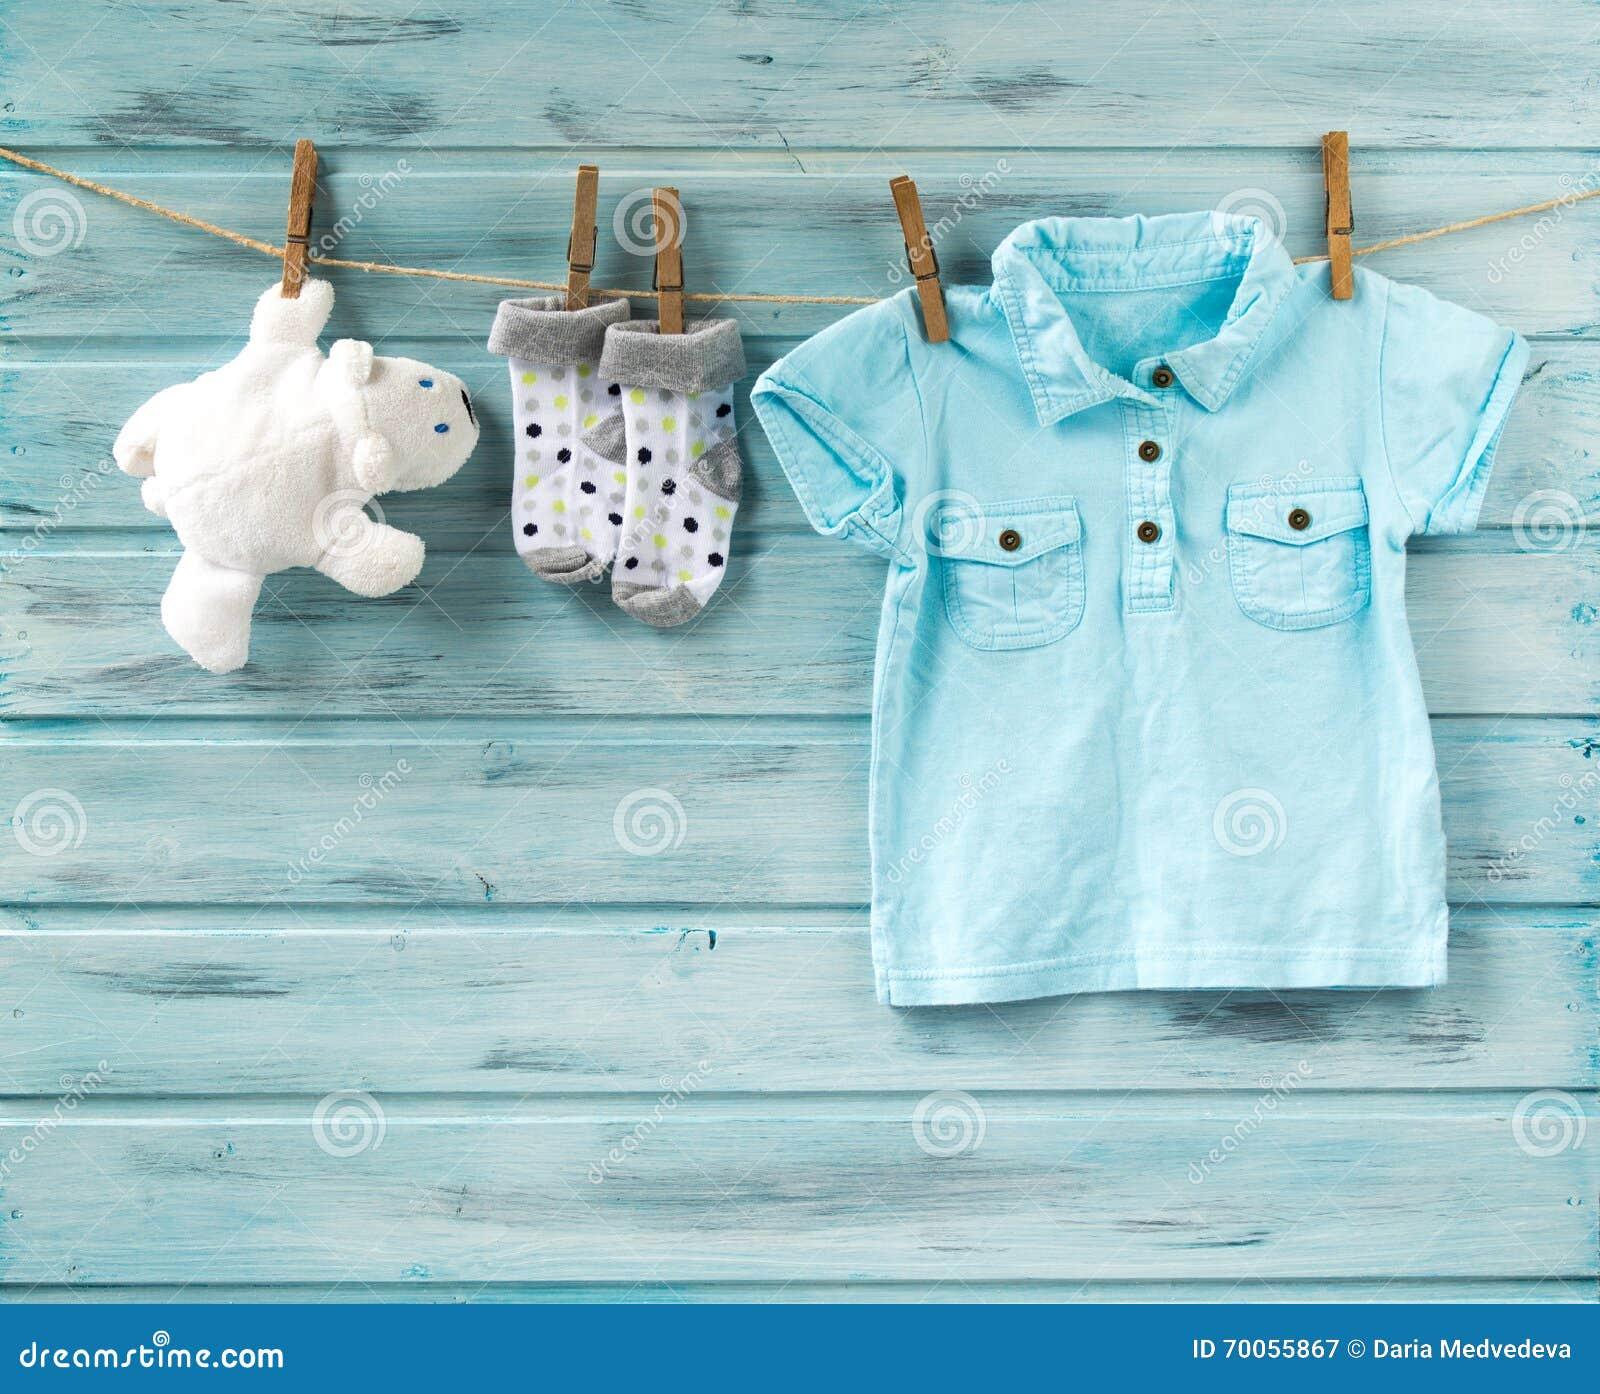 Η μπλούζα αγοράκι, οι κάλτσες και το άσπρο παιχνίδι αφορούν μια σκοινί για άπλωμα